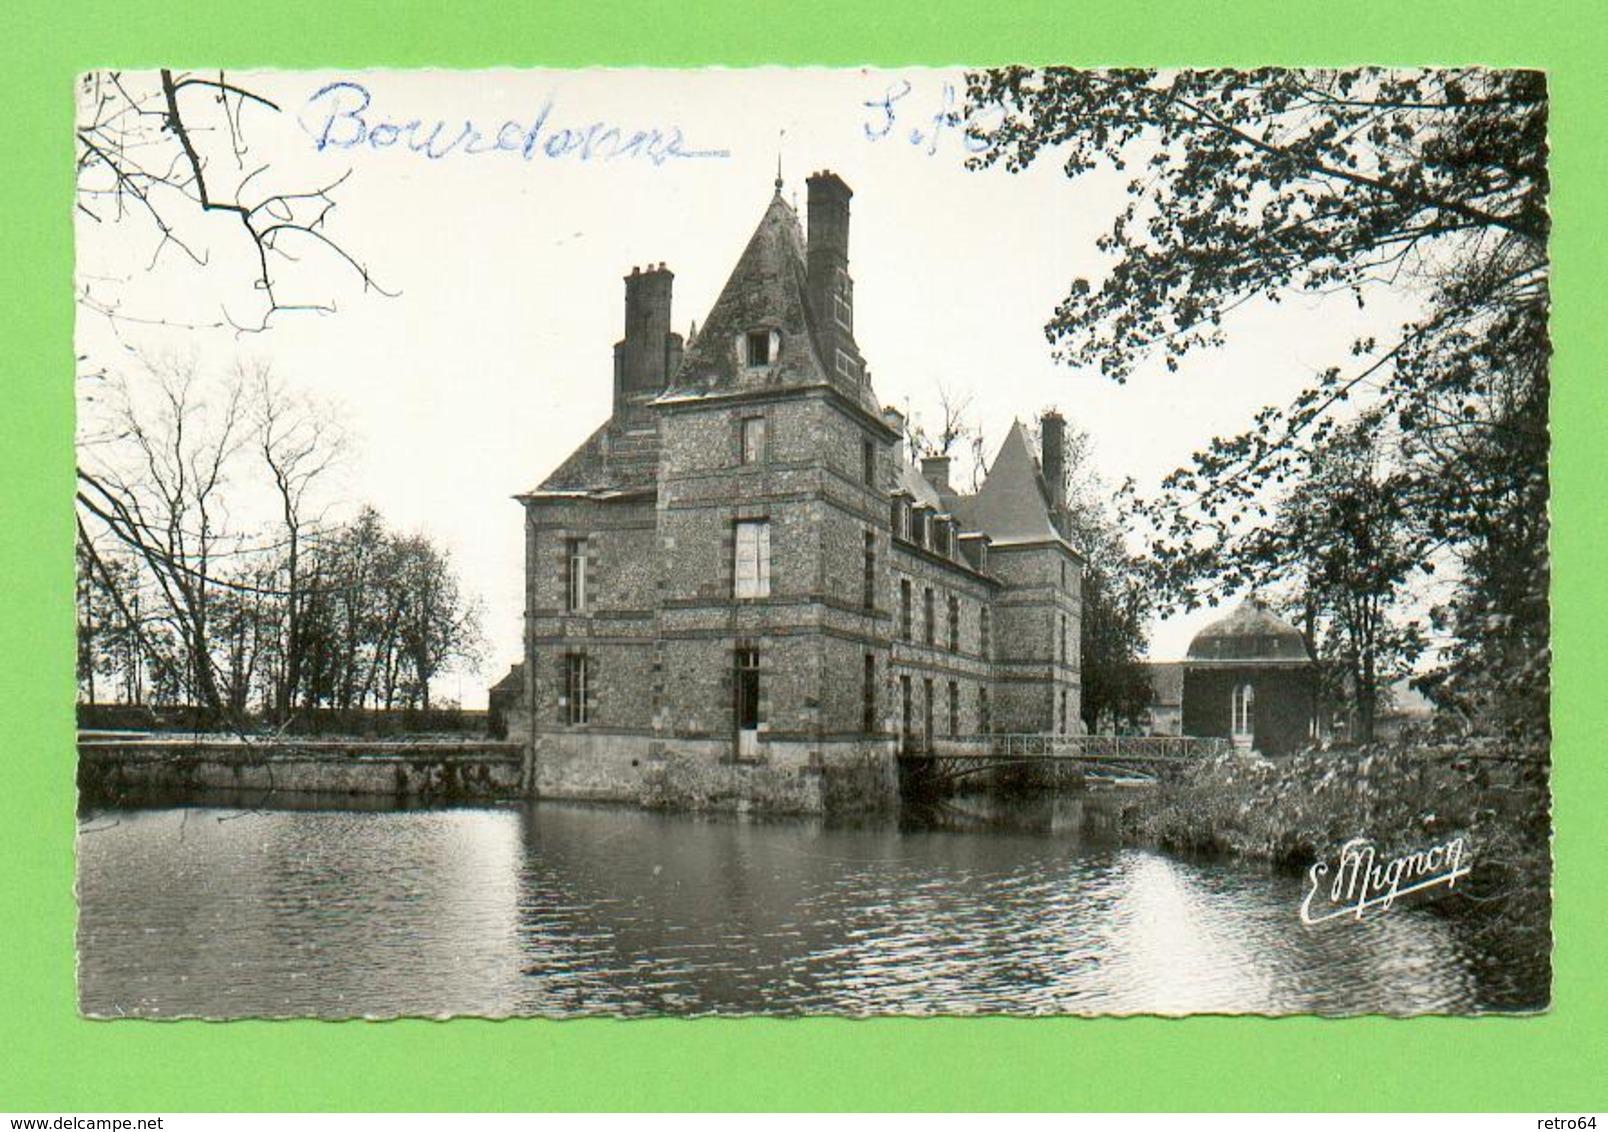 CPSM FRANCE 78  ~  BOURDONNE  ~  7693  Le Château Où Mourut José-Maria De Hérédia En 1905  ( Mignon Dentelée 1963 ) - Autres Communes